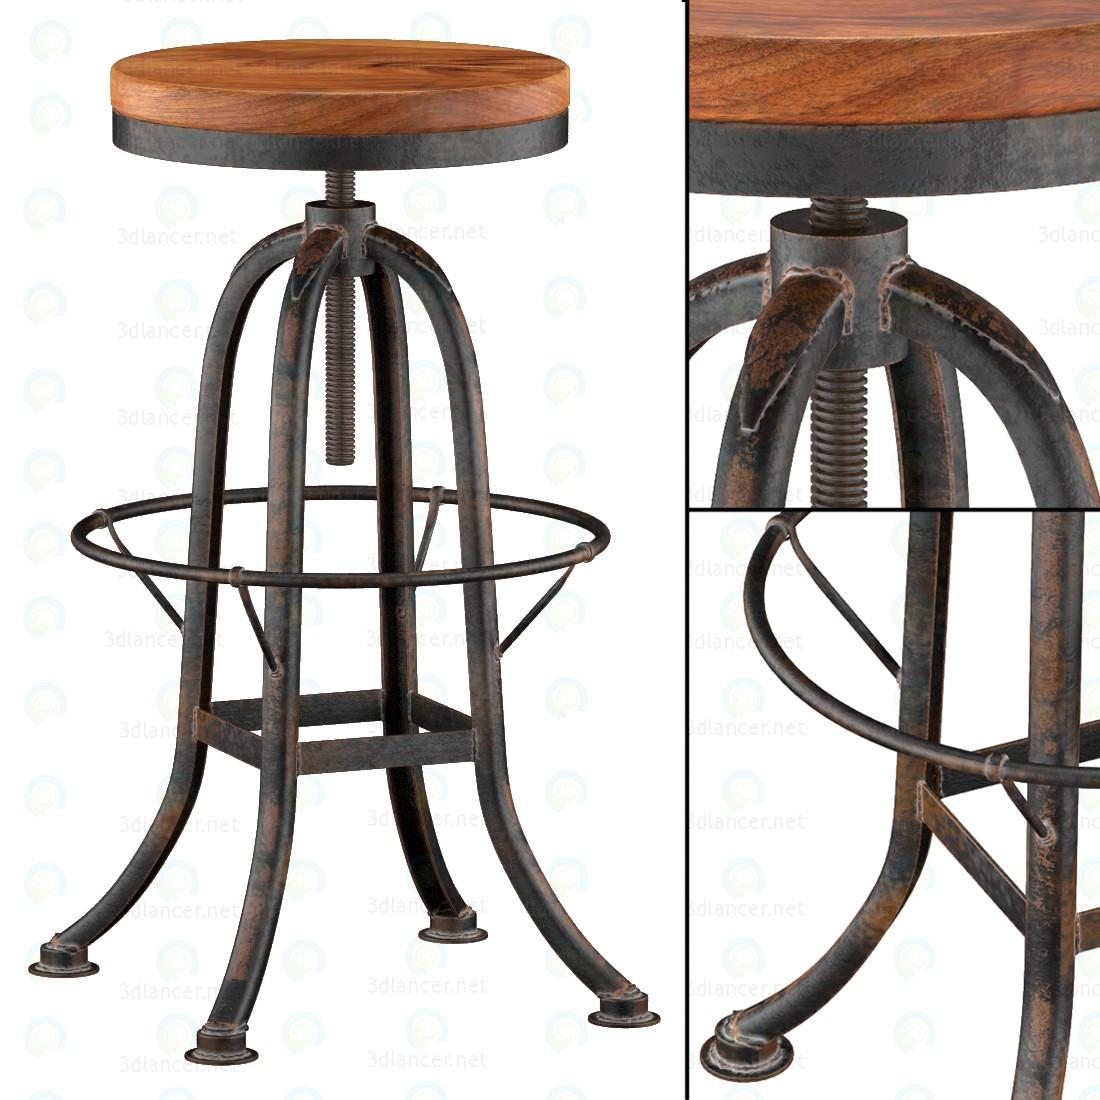 Loft industrial hierro Base reclamado madera contador de taburete de Bar pagado modelo 3d por escuchar artistos